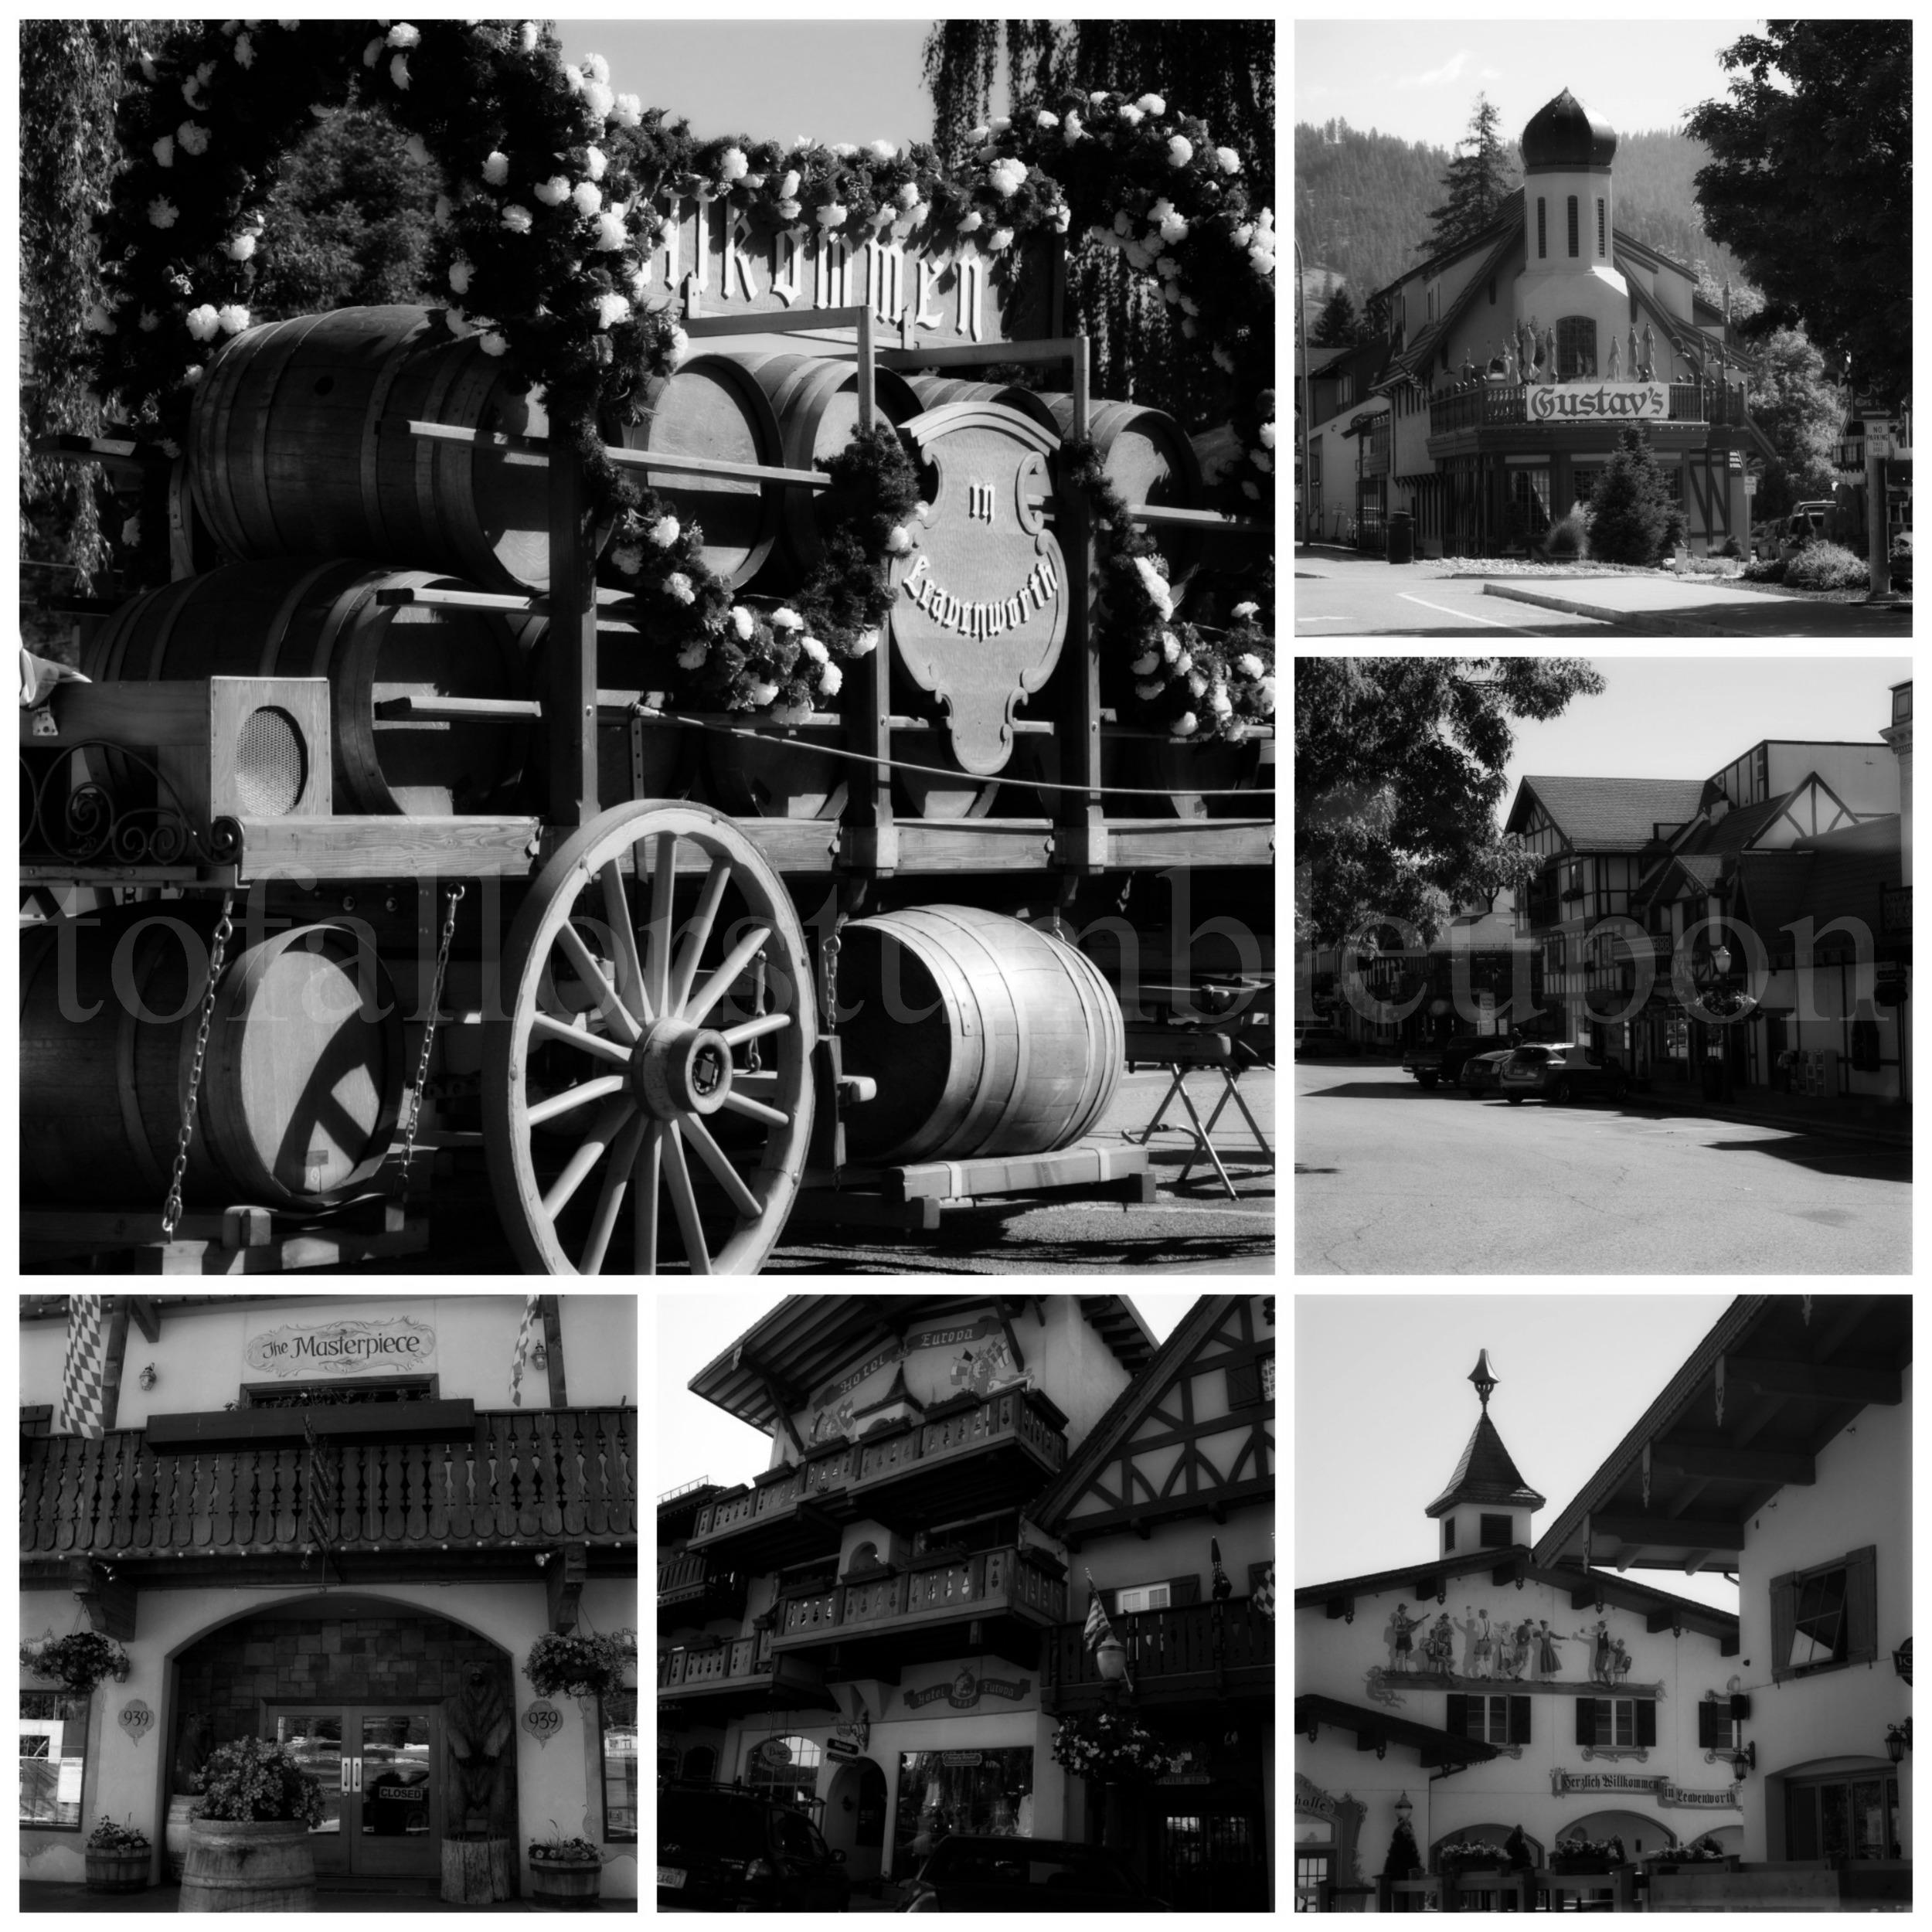 PicMonkey Collage 18 a.jpg